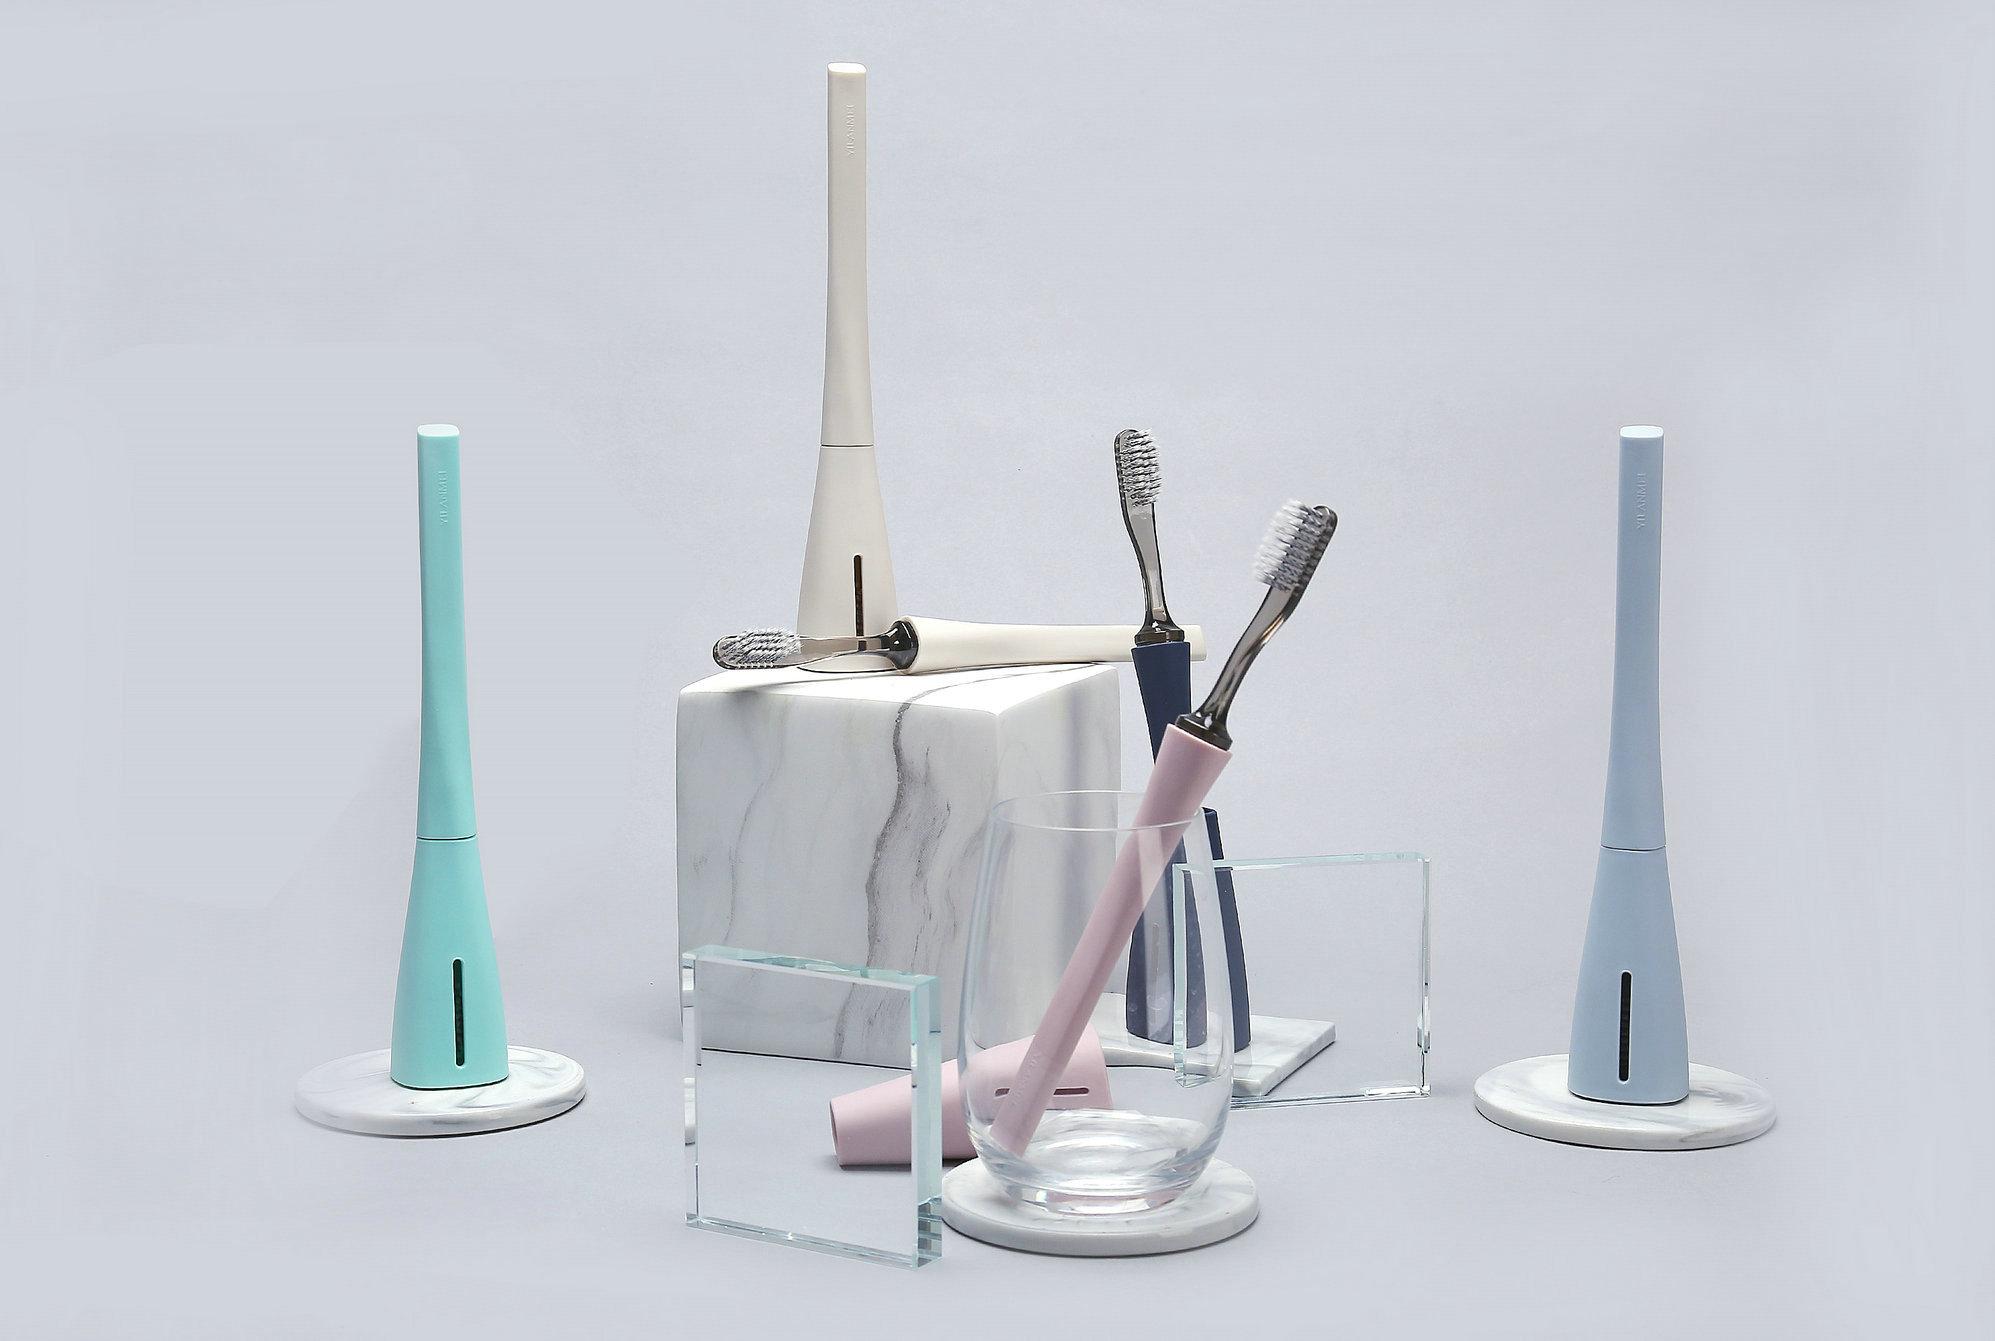 软毛牙刷热线电话|超值的可换头软毛小头牙刷情侣礼品牙刷推荐